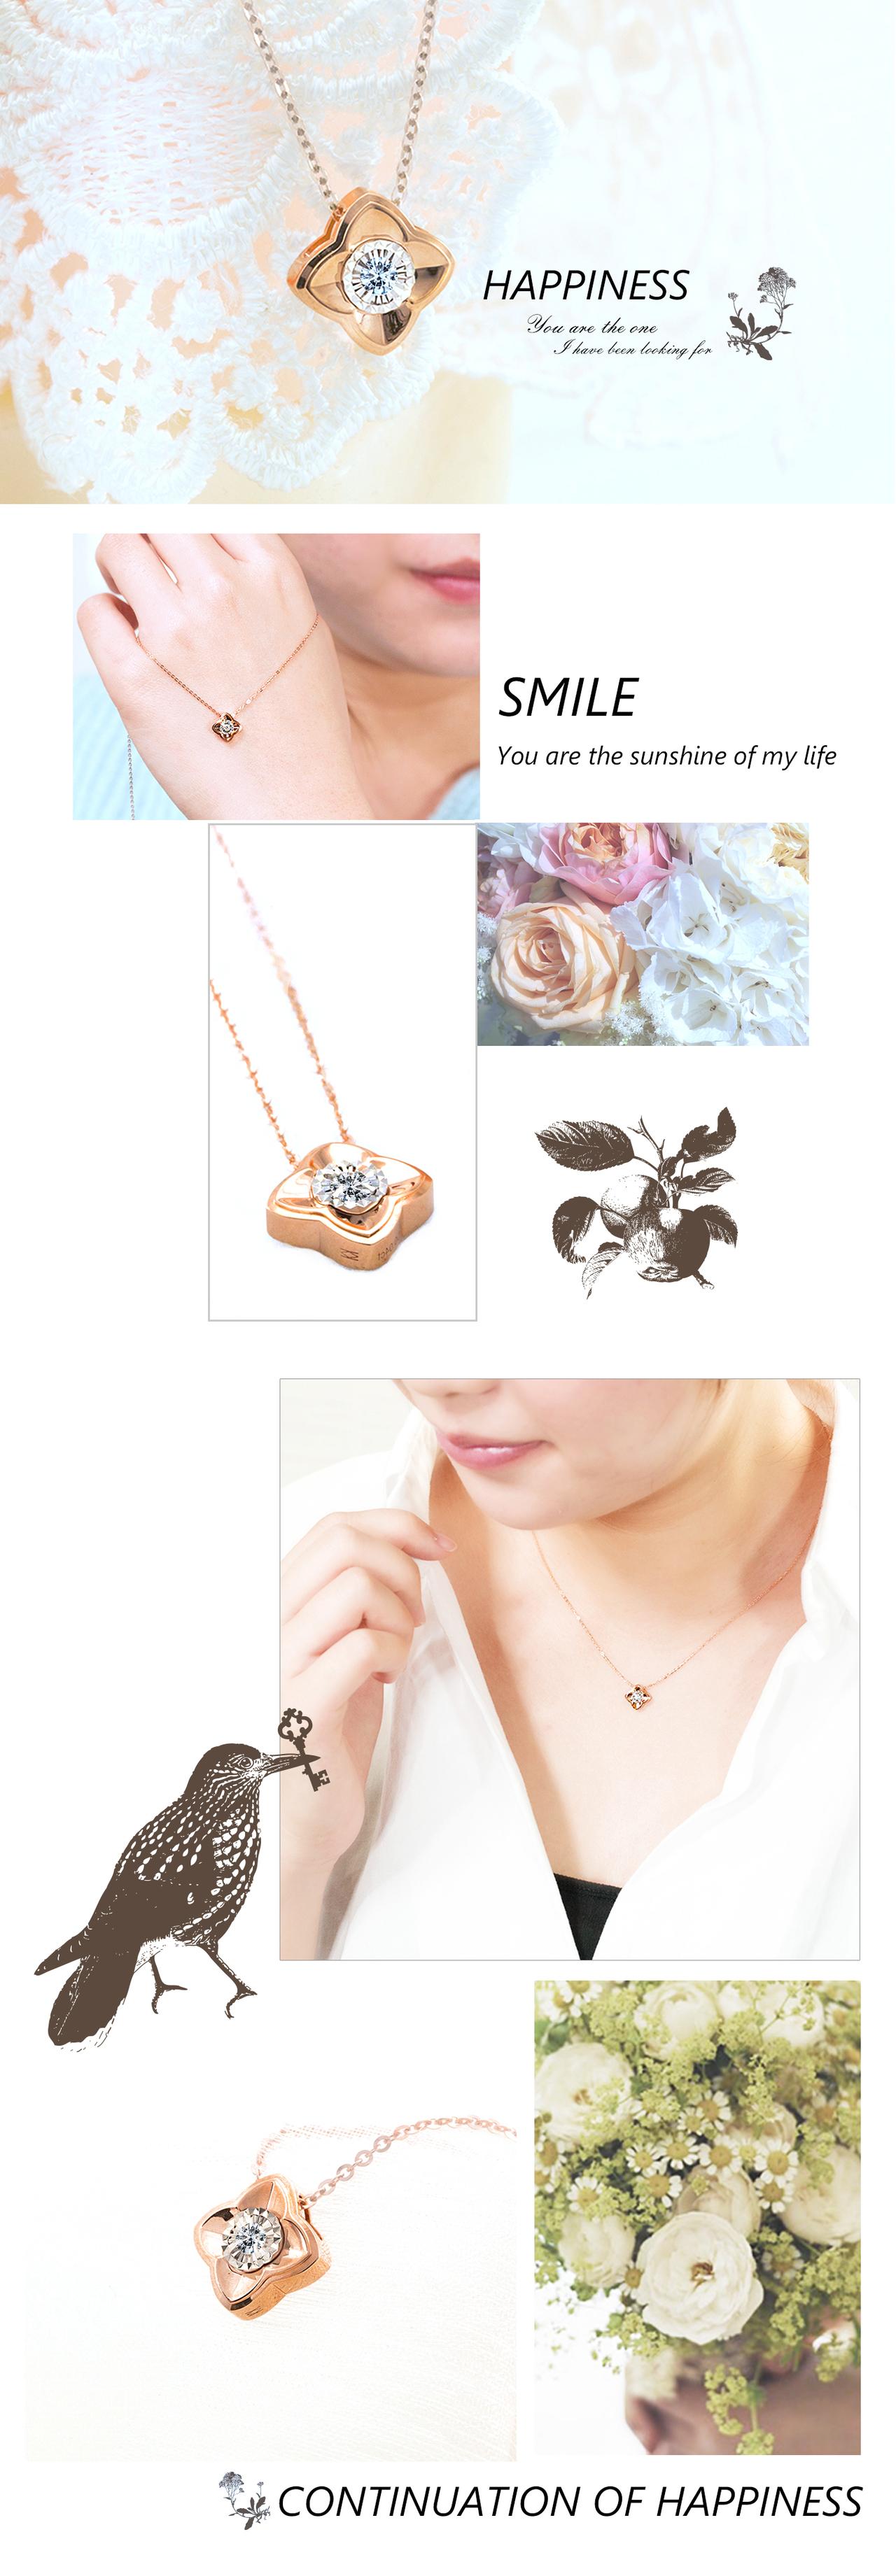 0.0ˋ0克拉天然鑽石18玫瑰K金項鍊